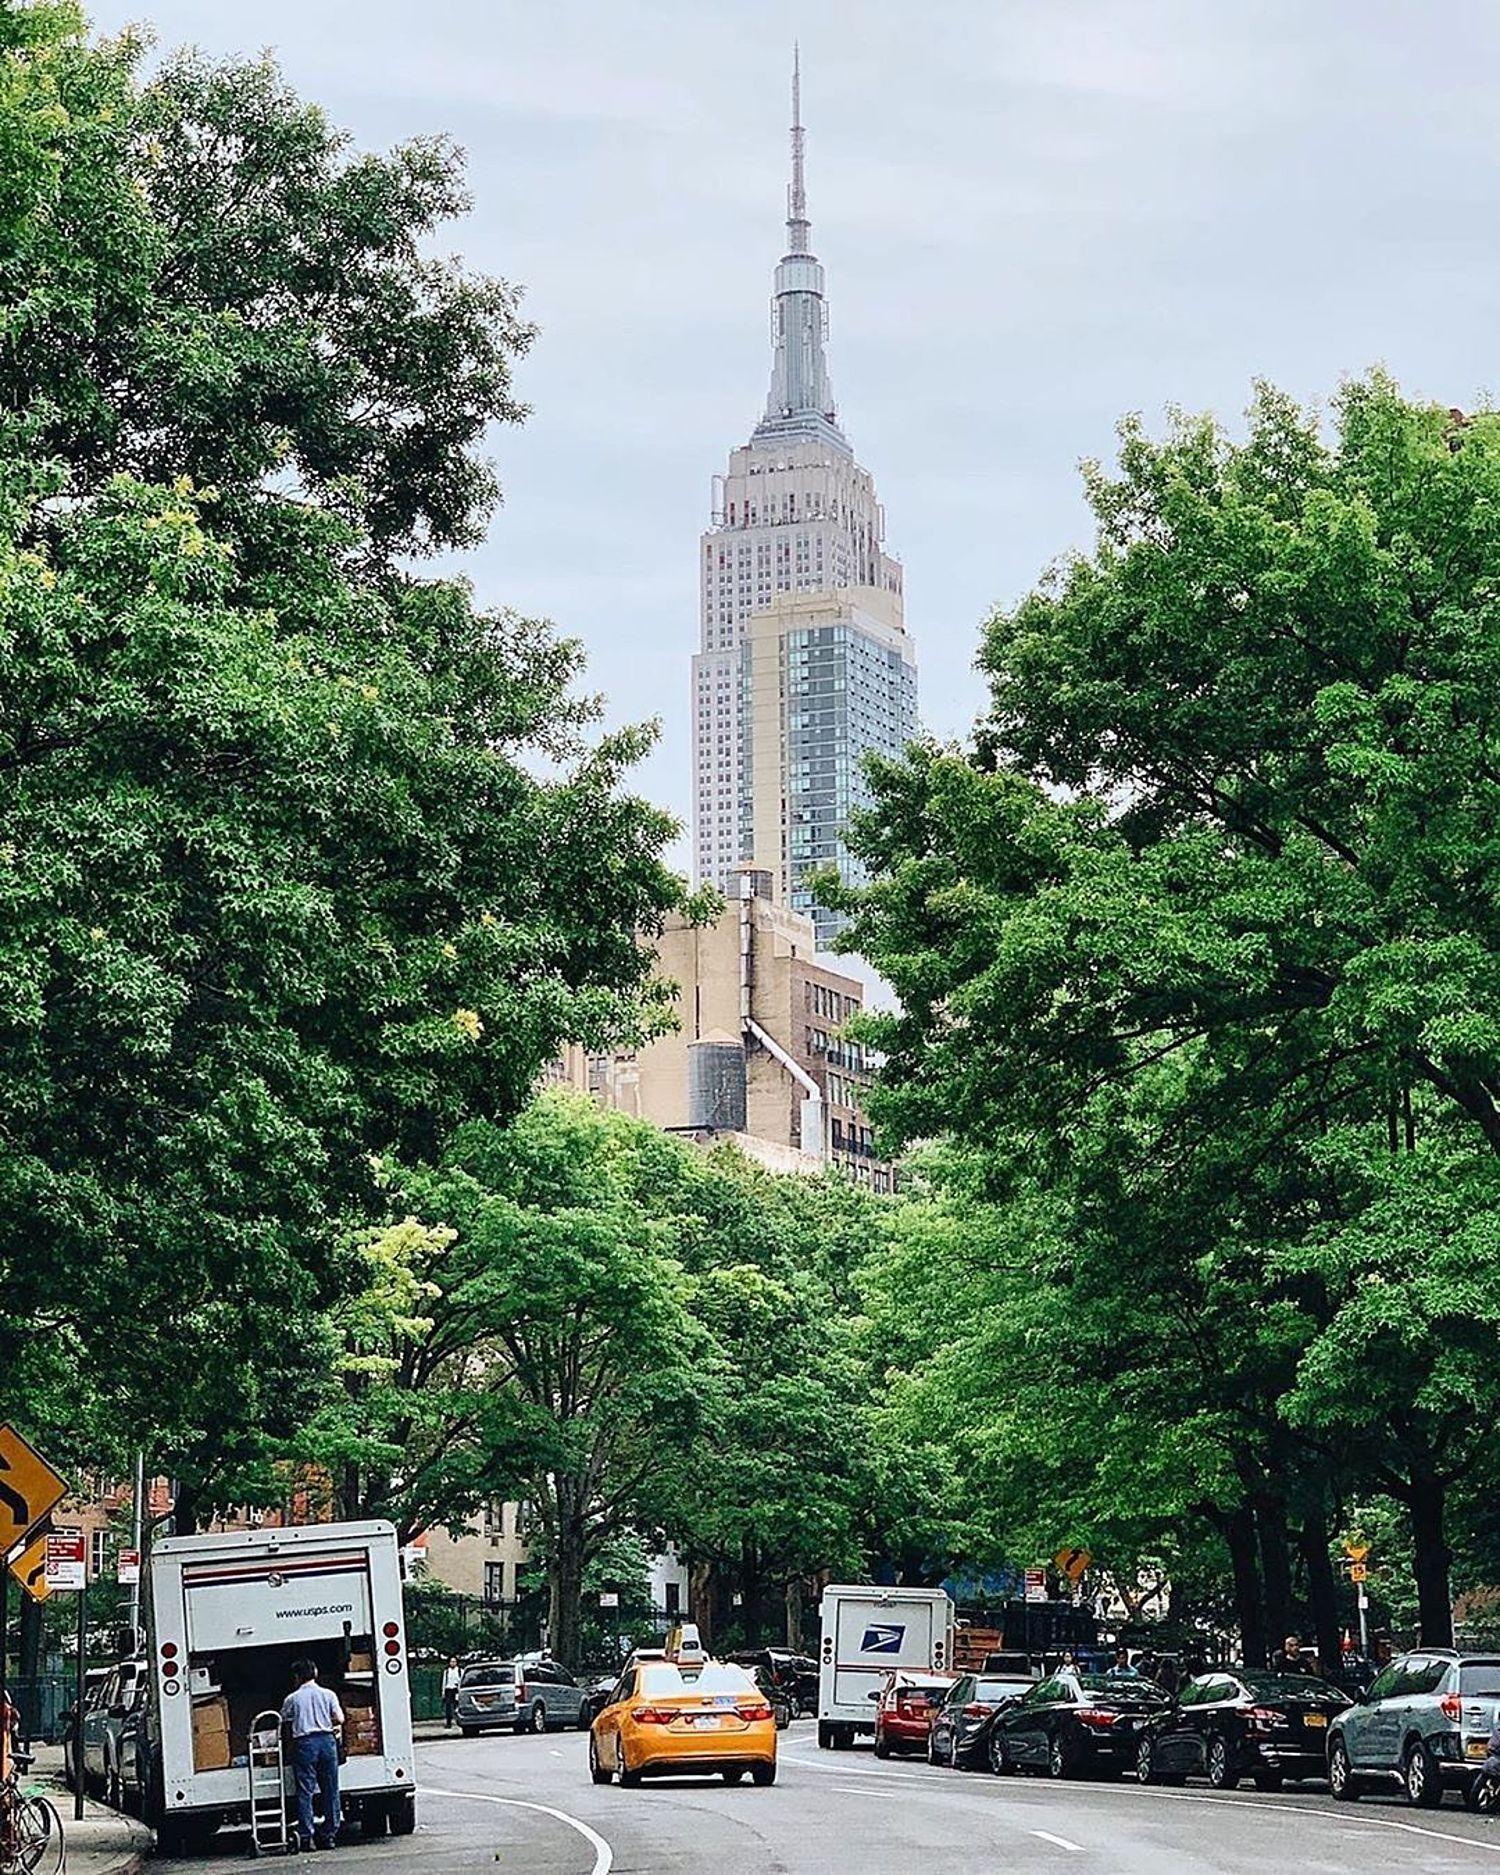 Empire State Building, Midtown, Manhattan.